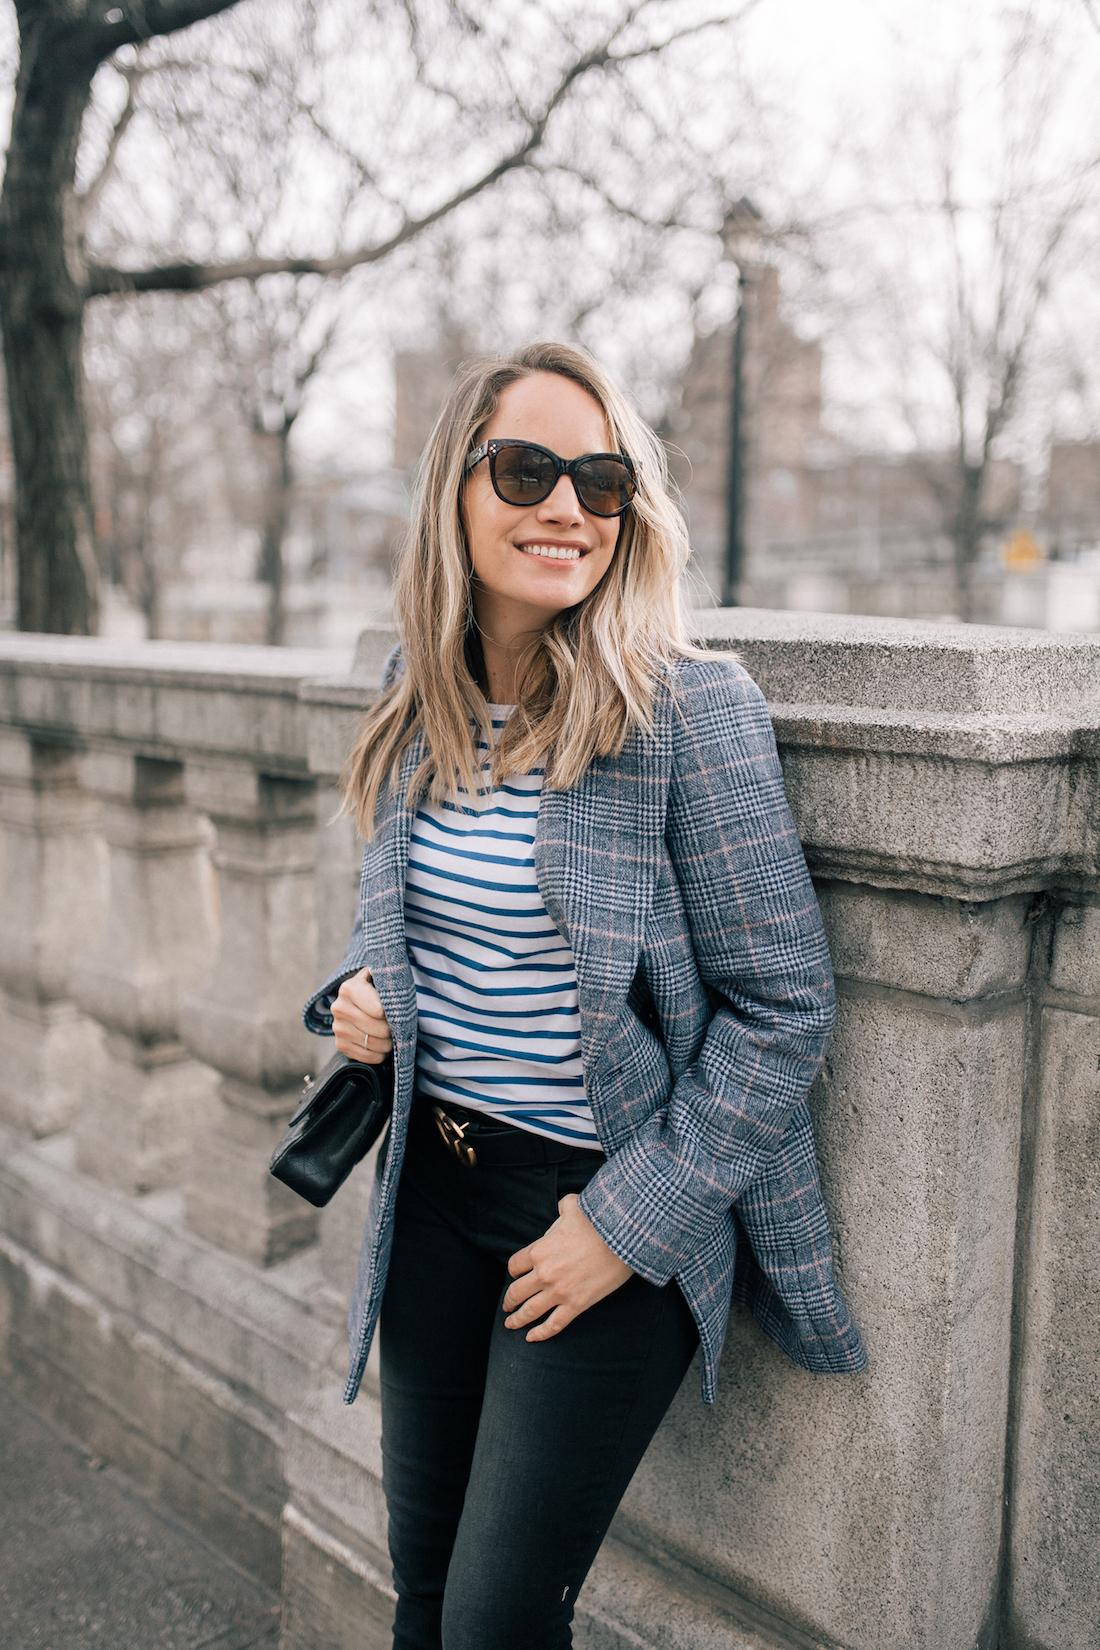 """OUTFIT DETAILS: La Vie Rebecca Taylor Coat // Saint James Tee // Paige Jeans // Gucci Belt //  Polaroid Sunglasses // Lipstick: Charlotte Tilbury in """"Bitch Perfect"""""""